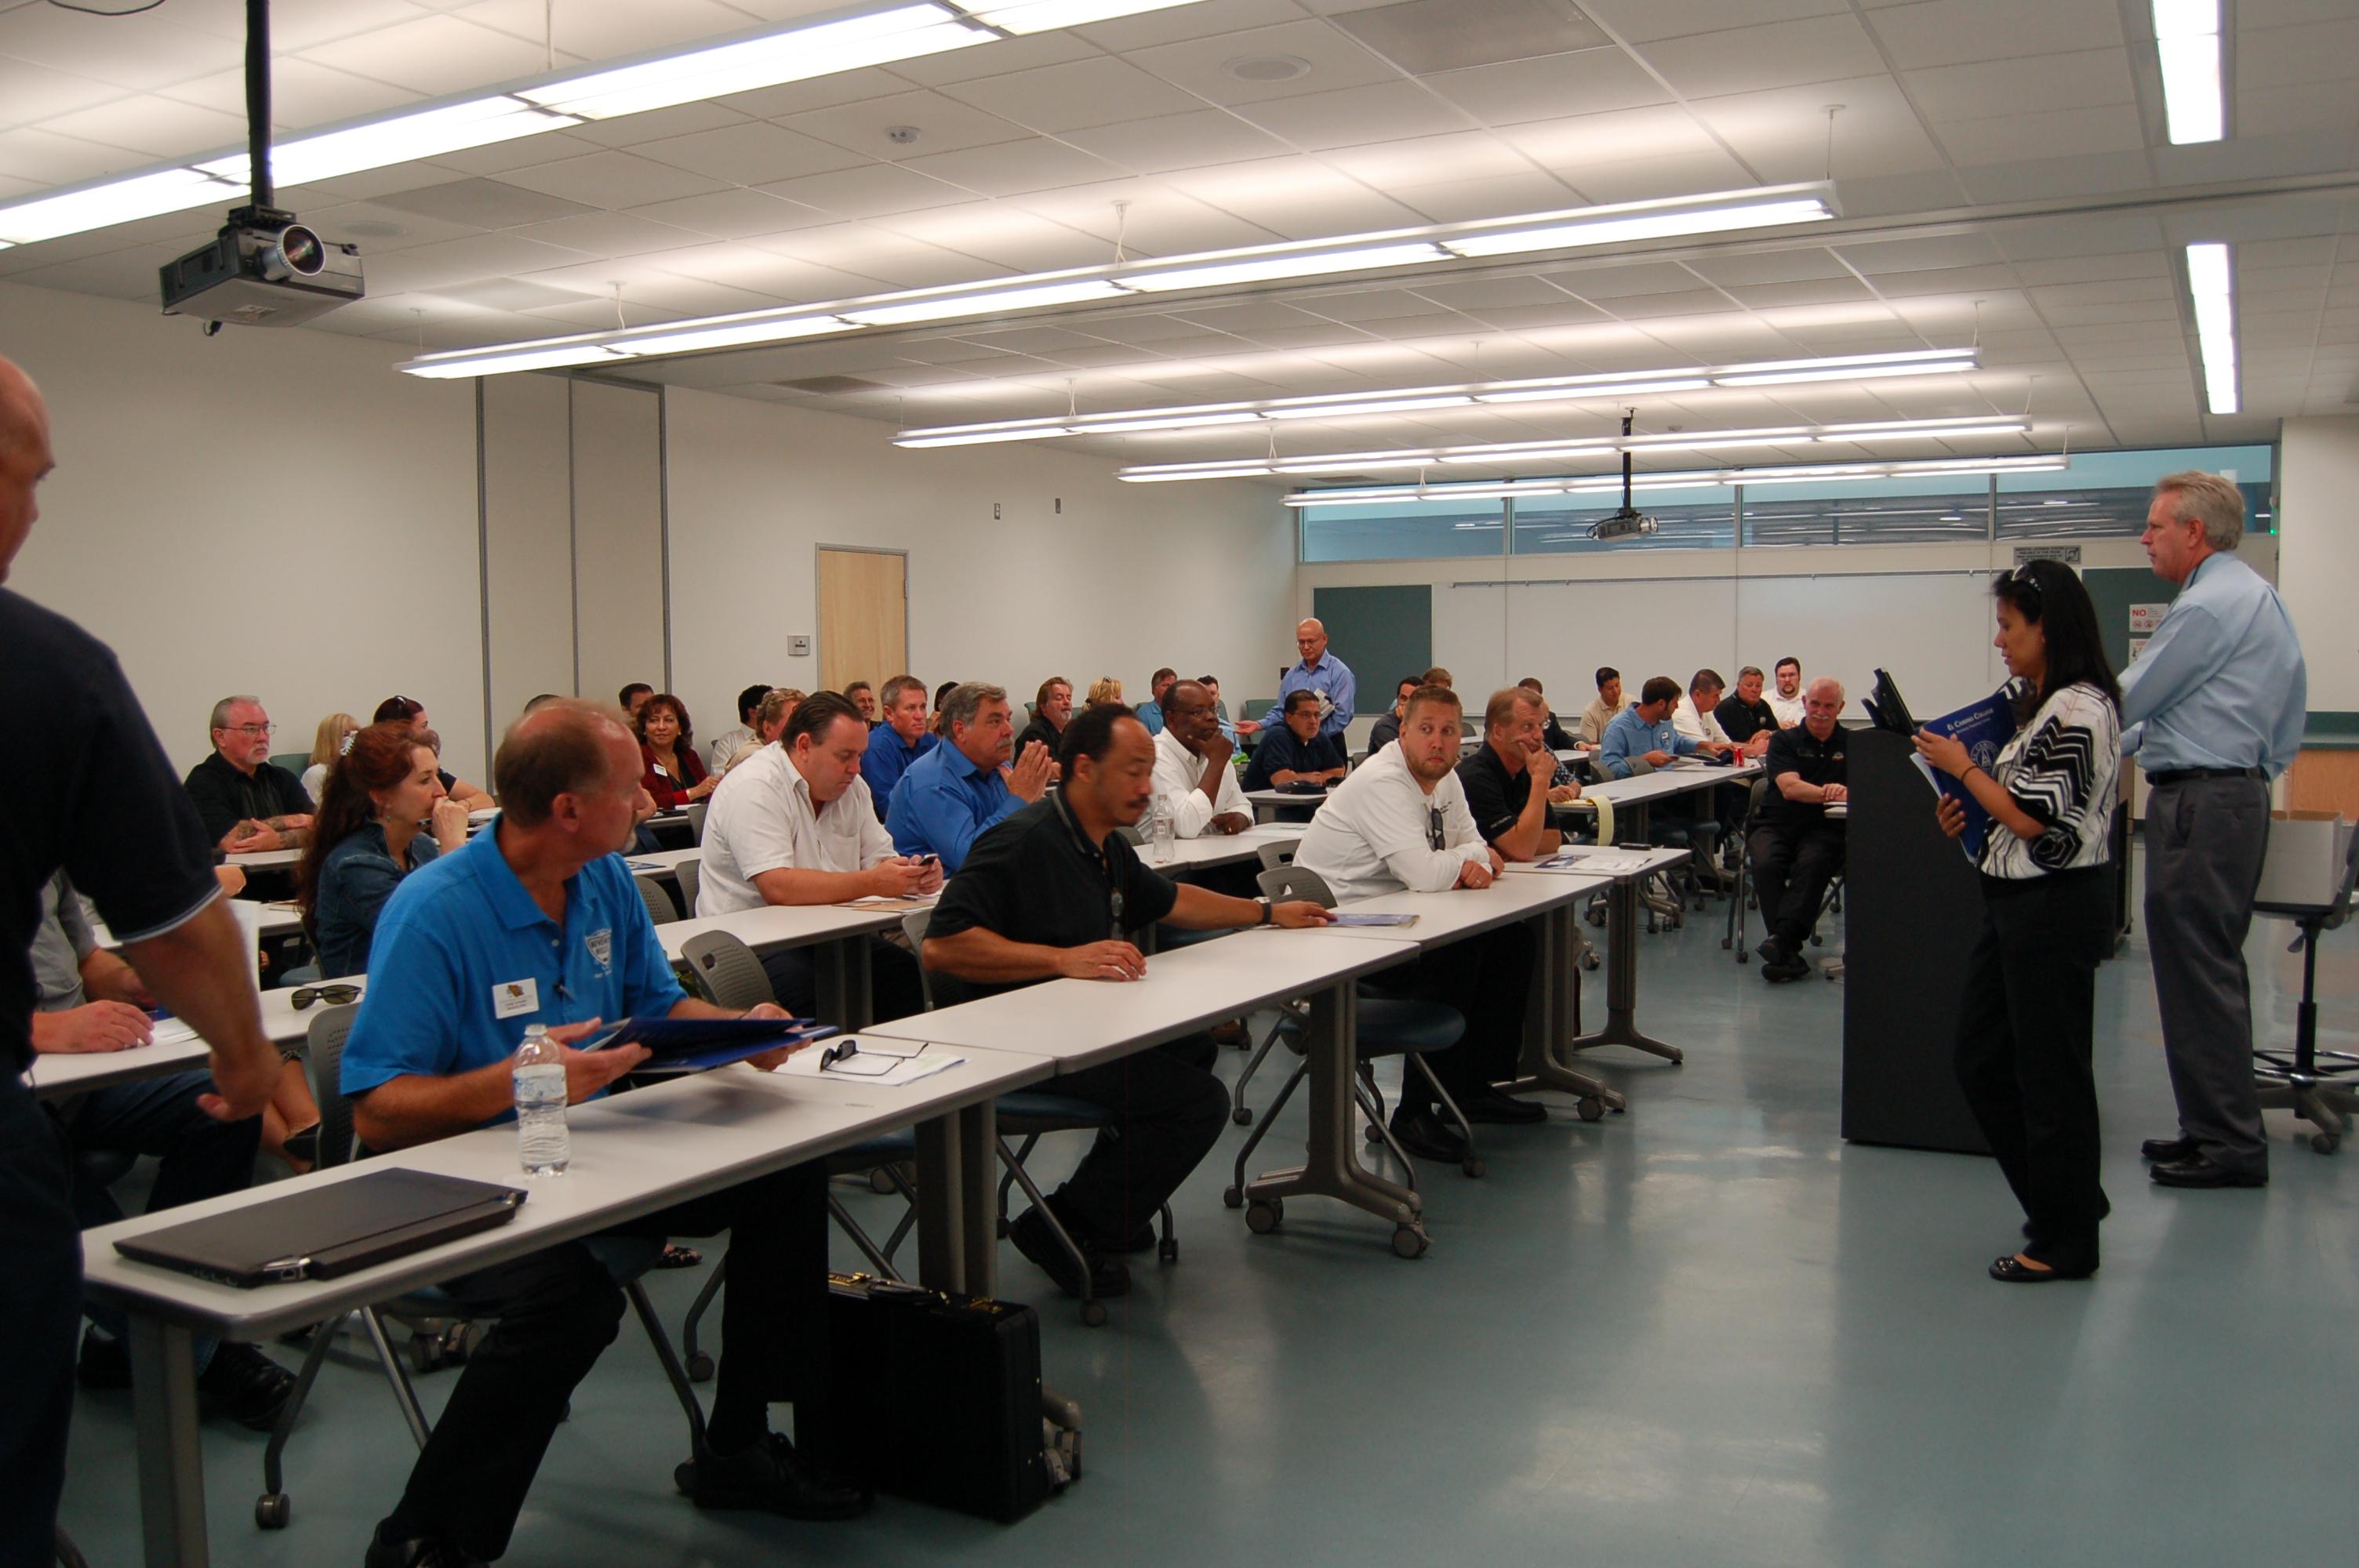 MEMA meeting July 21, 2011